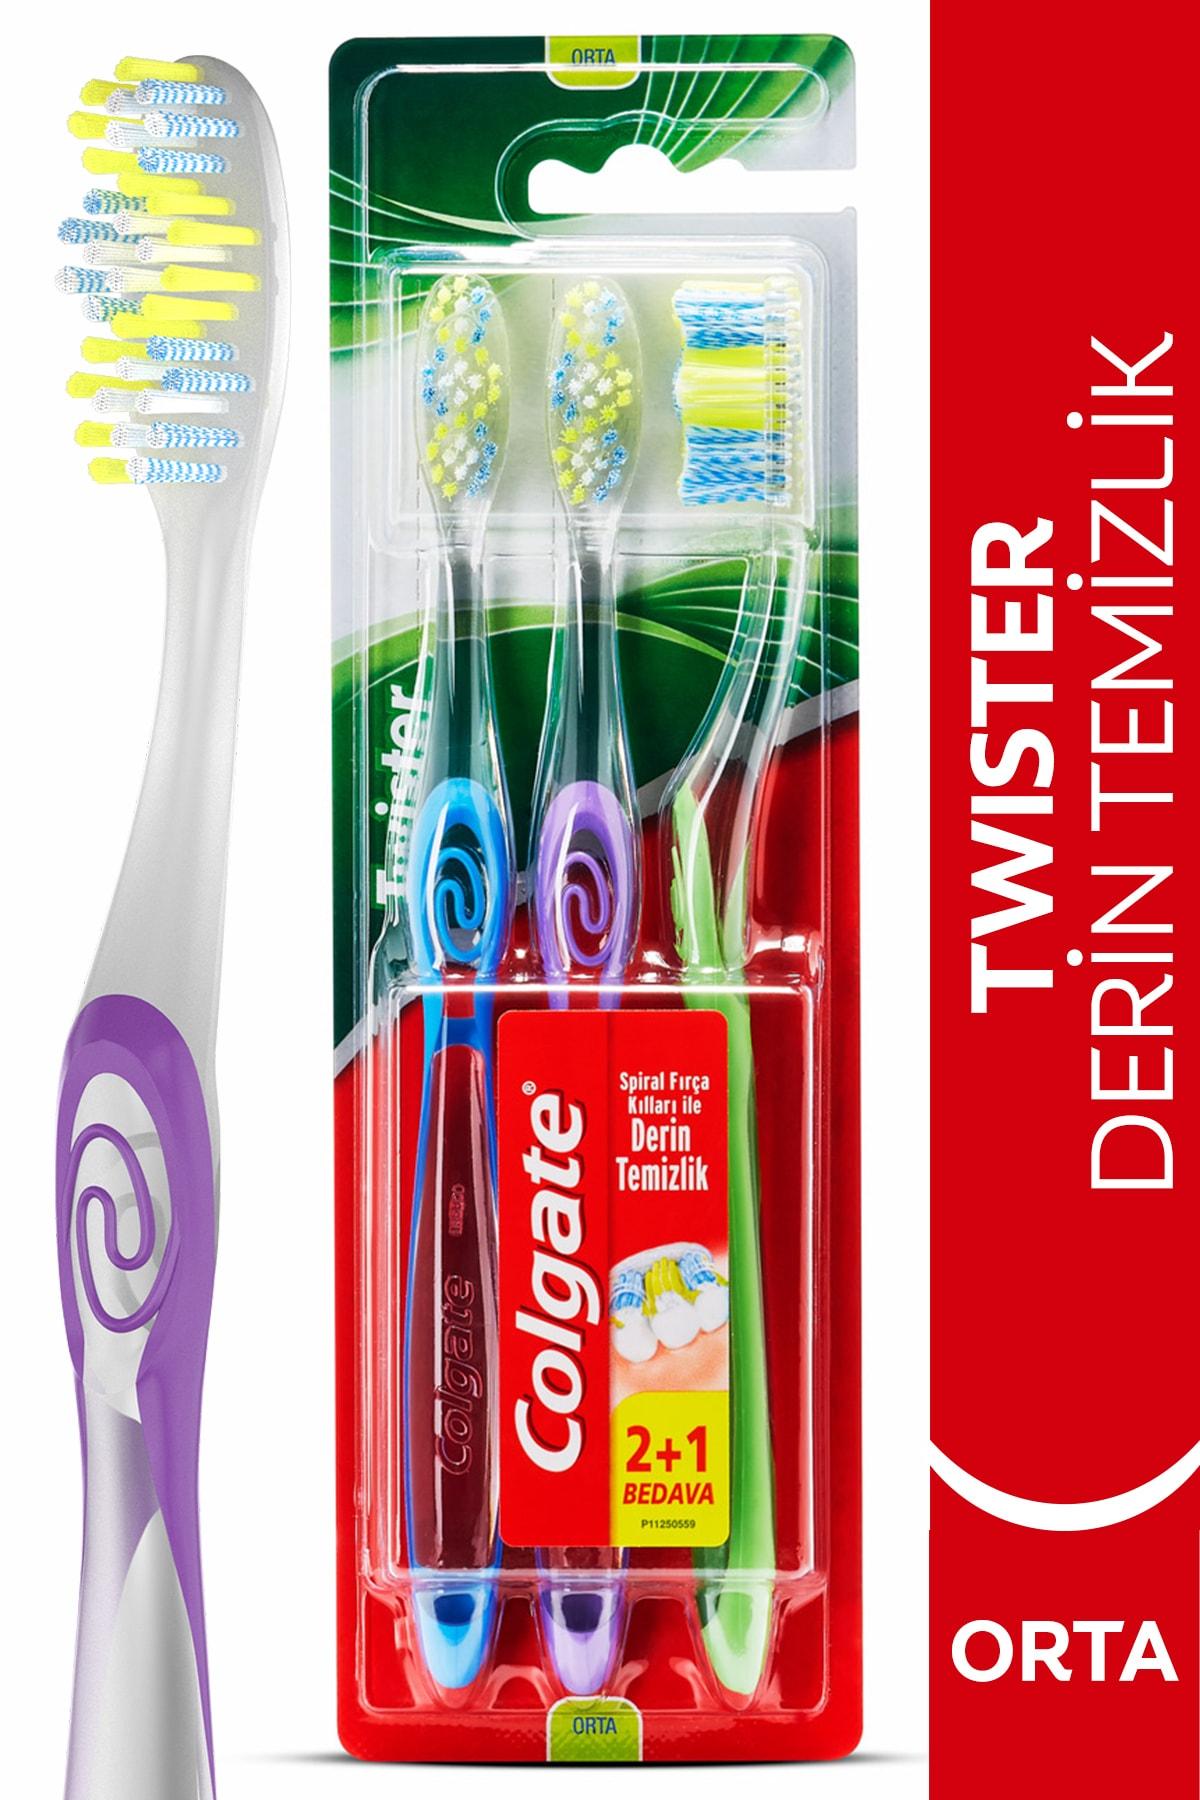 Twister Derin Temizlik Orta Diş Fırçası 2+1